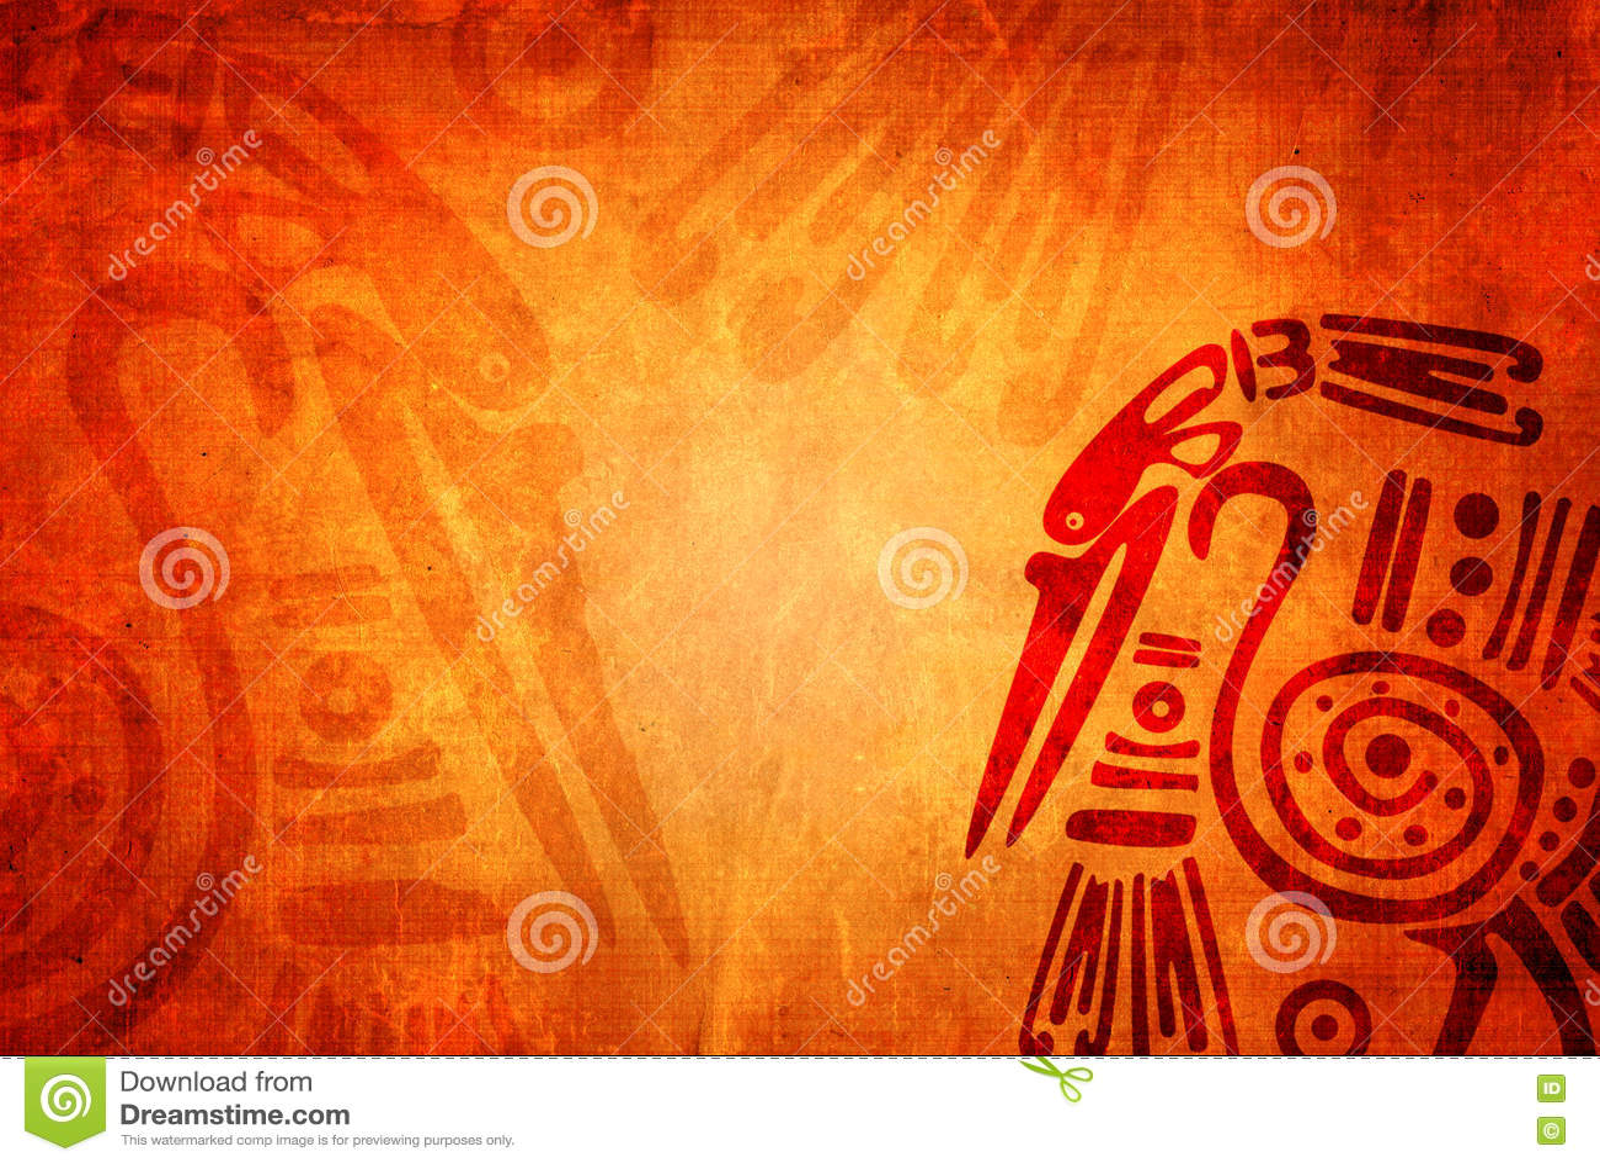 Υπόβαθρο Grunge με τα αμερικανικά ινδικά παραδοσιακά σχέδια